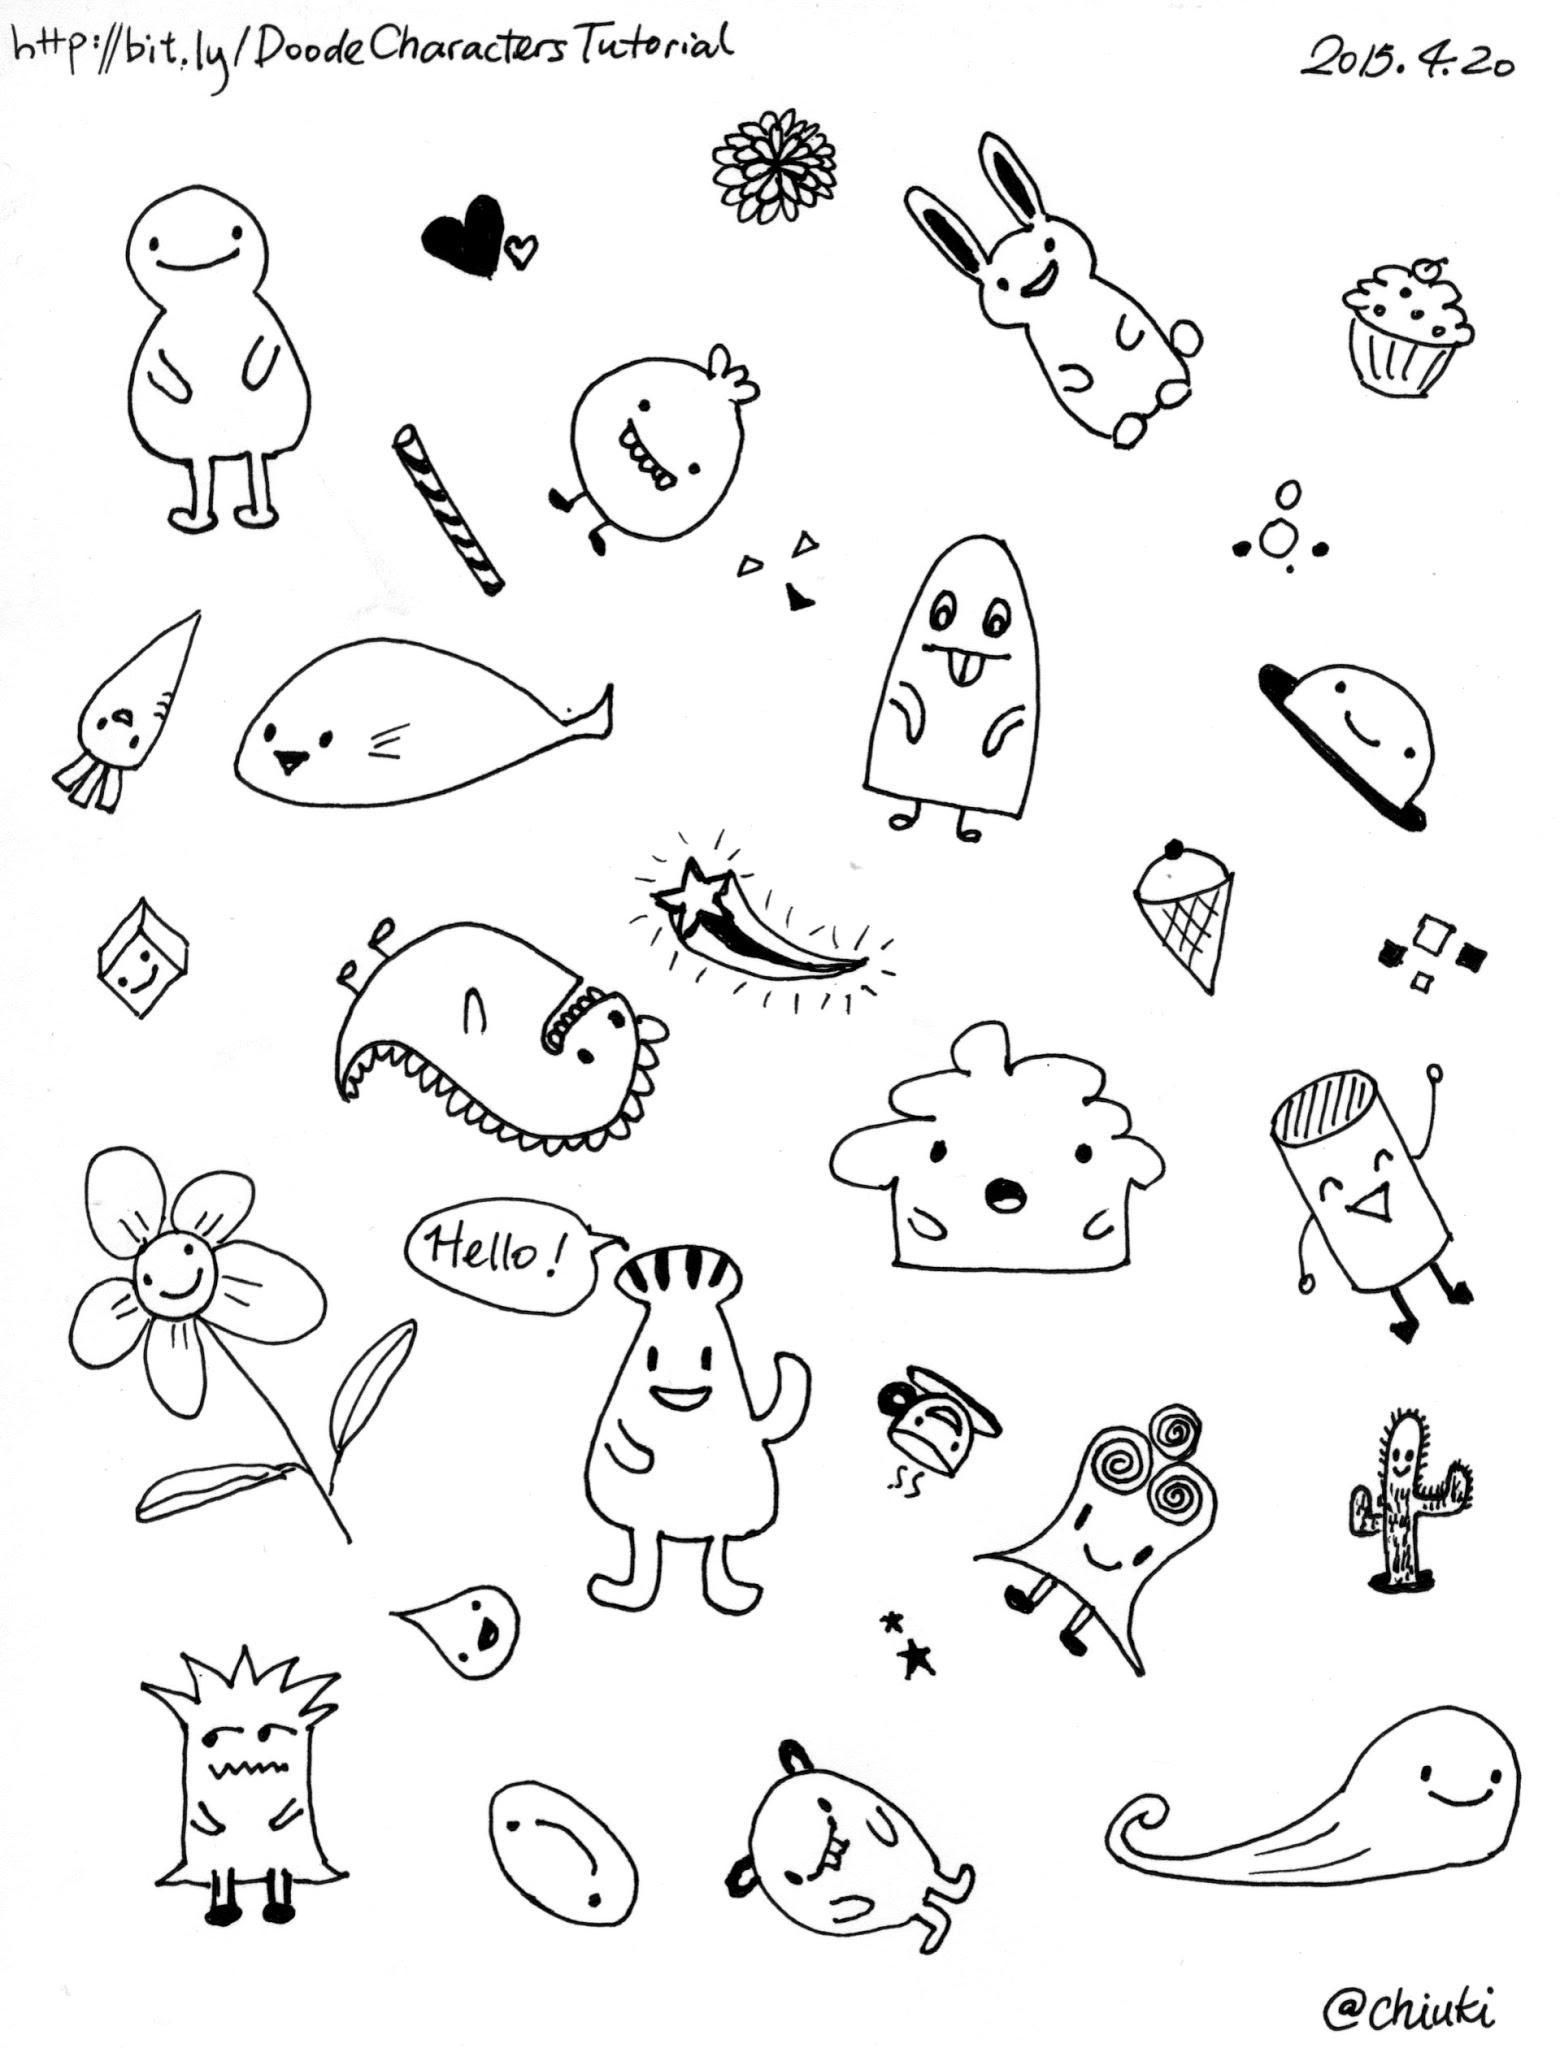 Photo: Doodle fun!http://bit.ly/DoodleCharactersTutorial